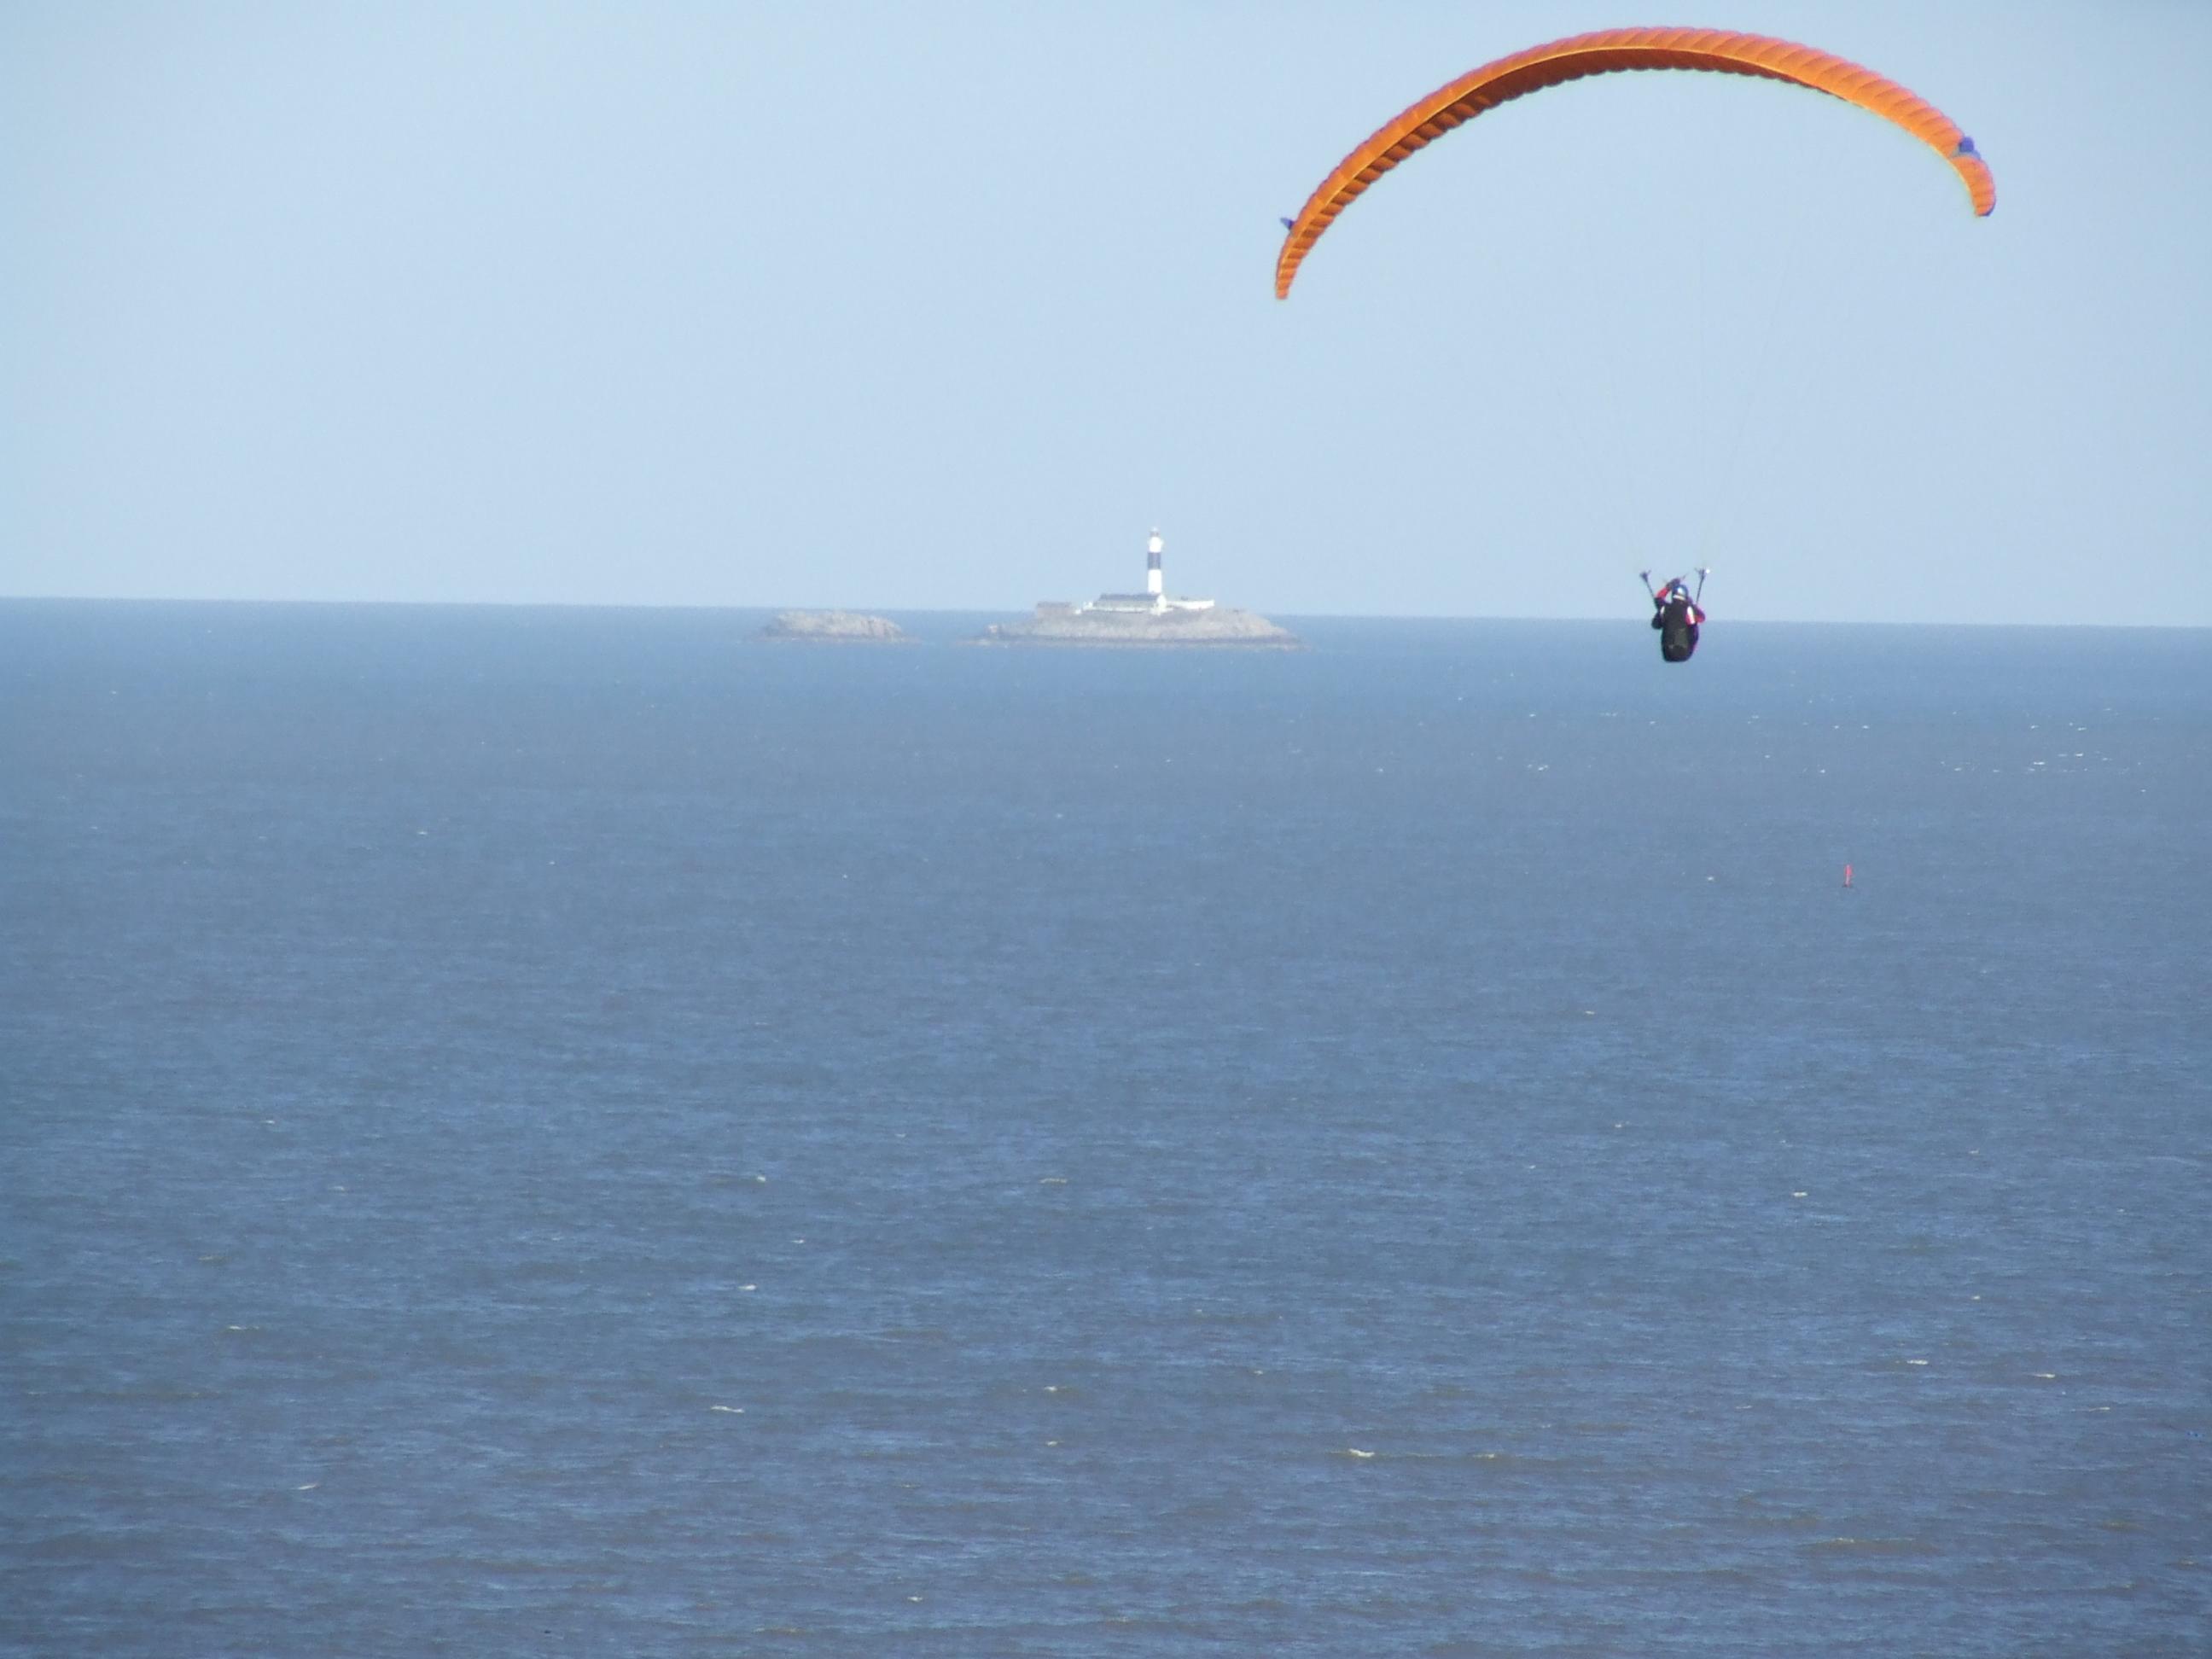 Rockabill Gliding